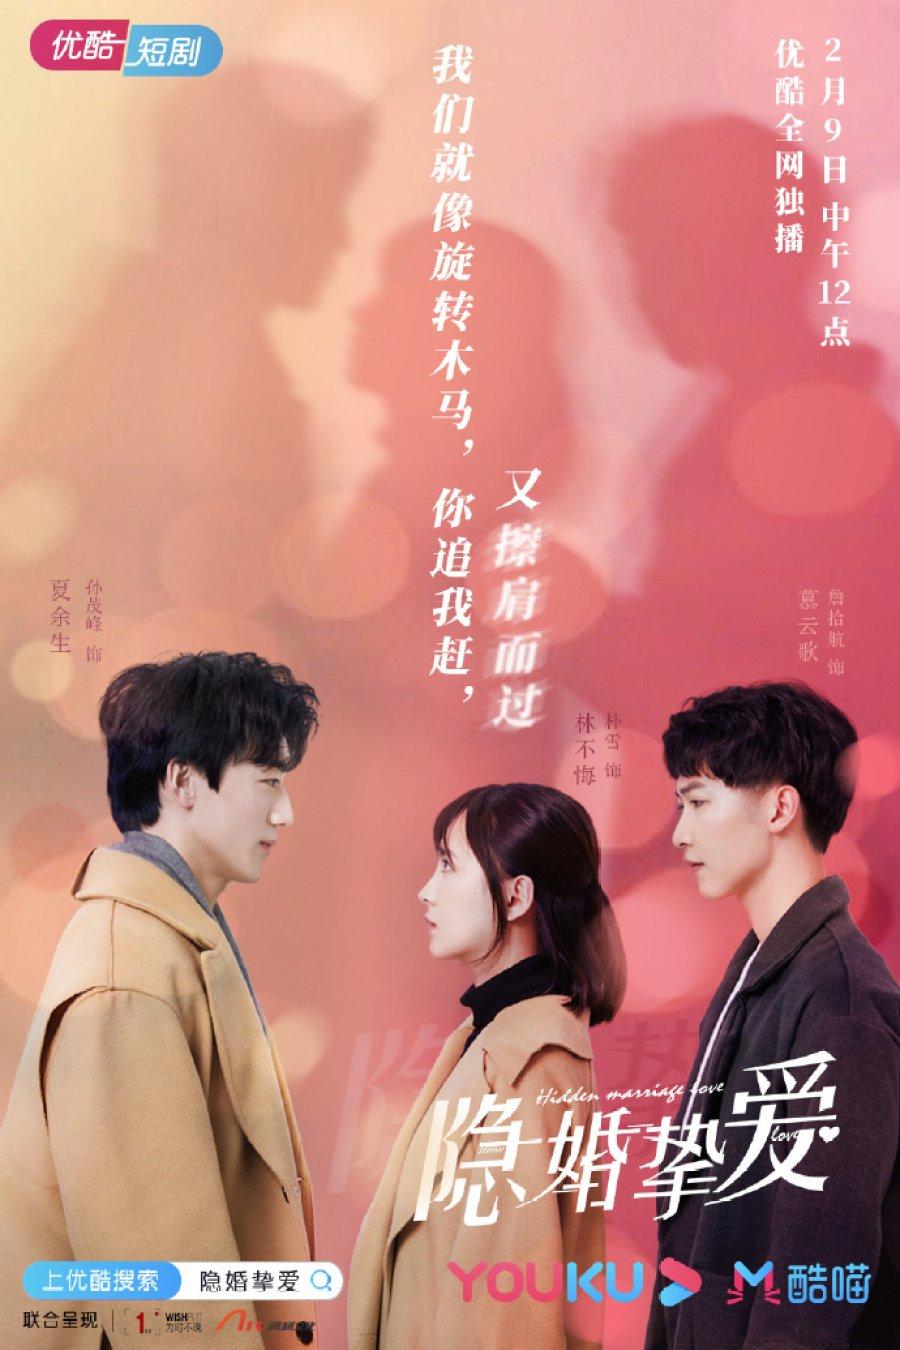 wkNEY 4f - Тайная любовь в браке ✦ 2021 ✦ Китай